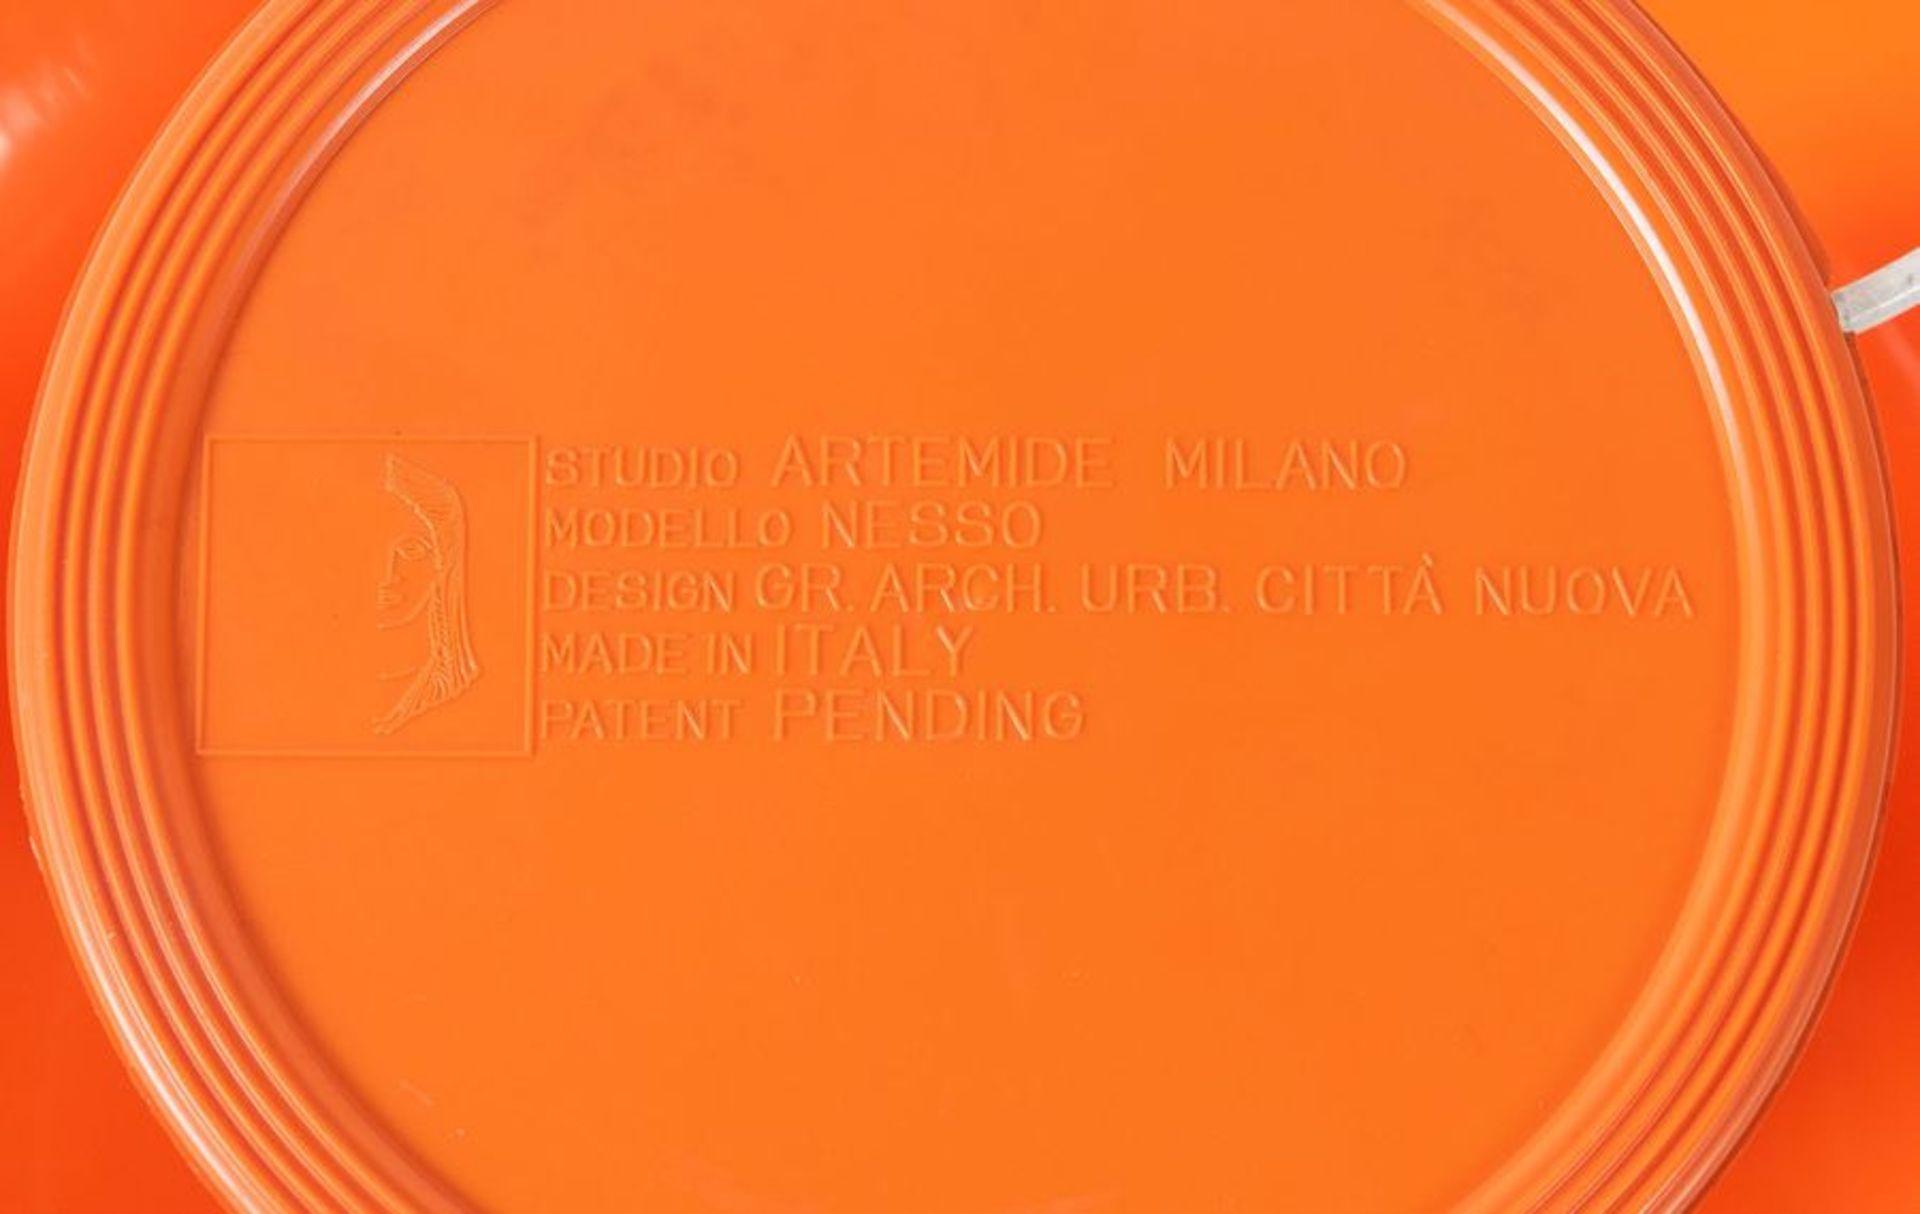 GIANCARLO MATTIOLI Lampada da tavolo in plastica ABS modello 'Nesso'. Marchio originale. Prod. Artem - Bild 3 aus 3